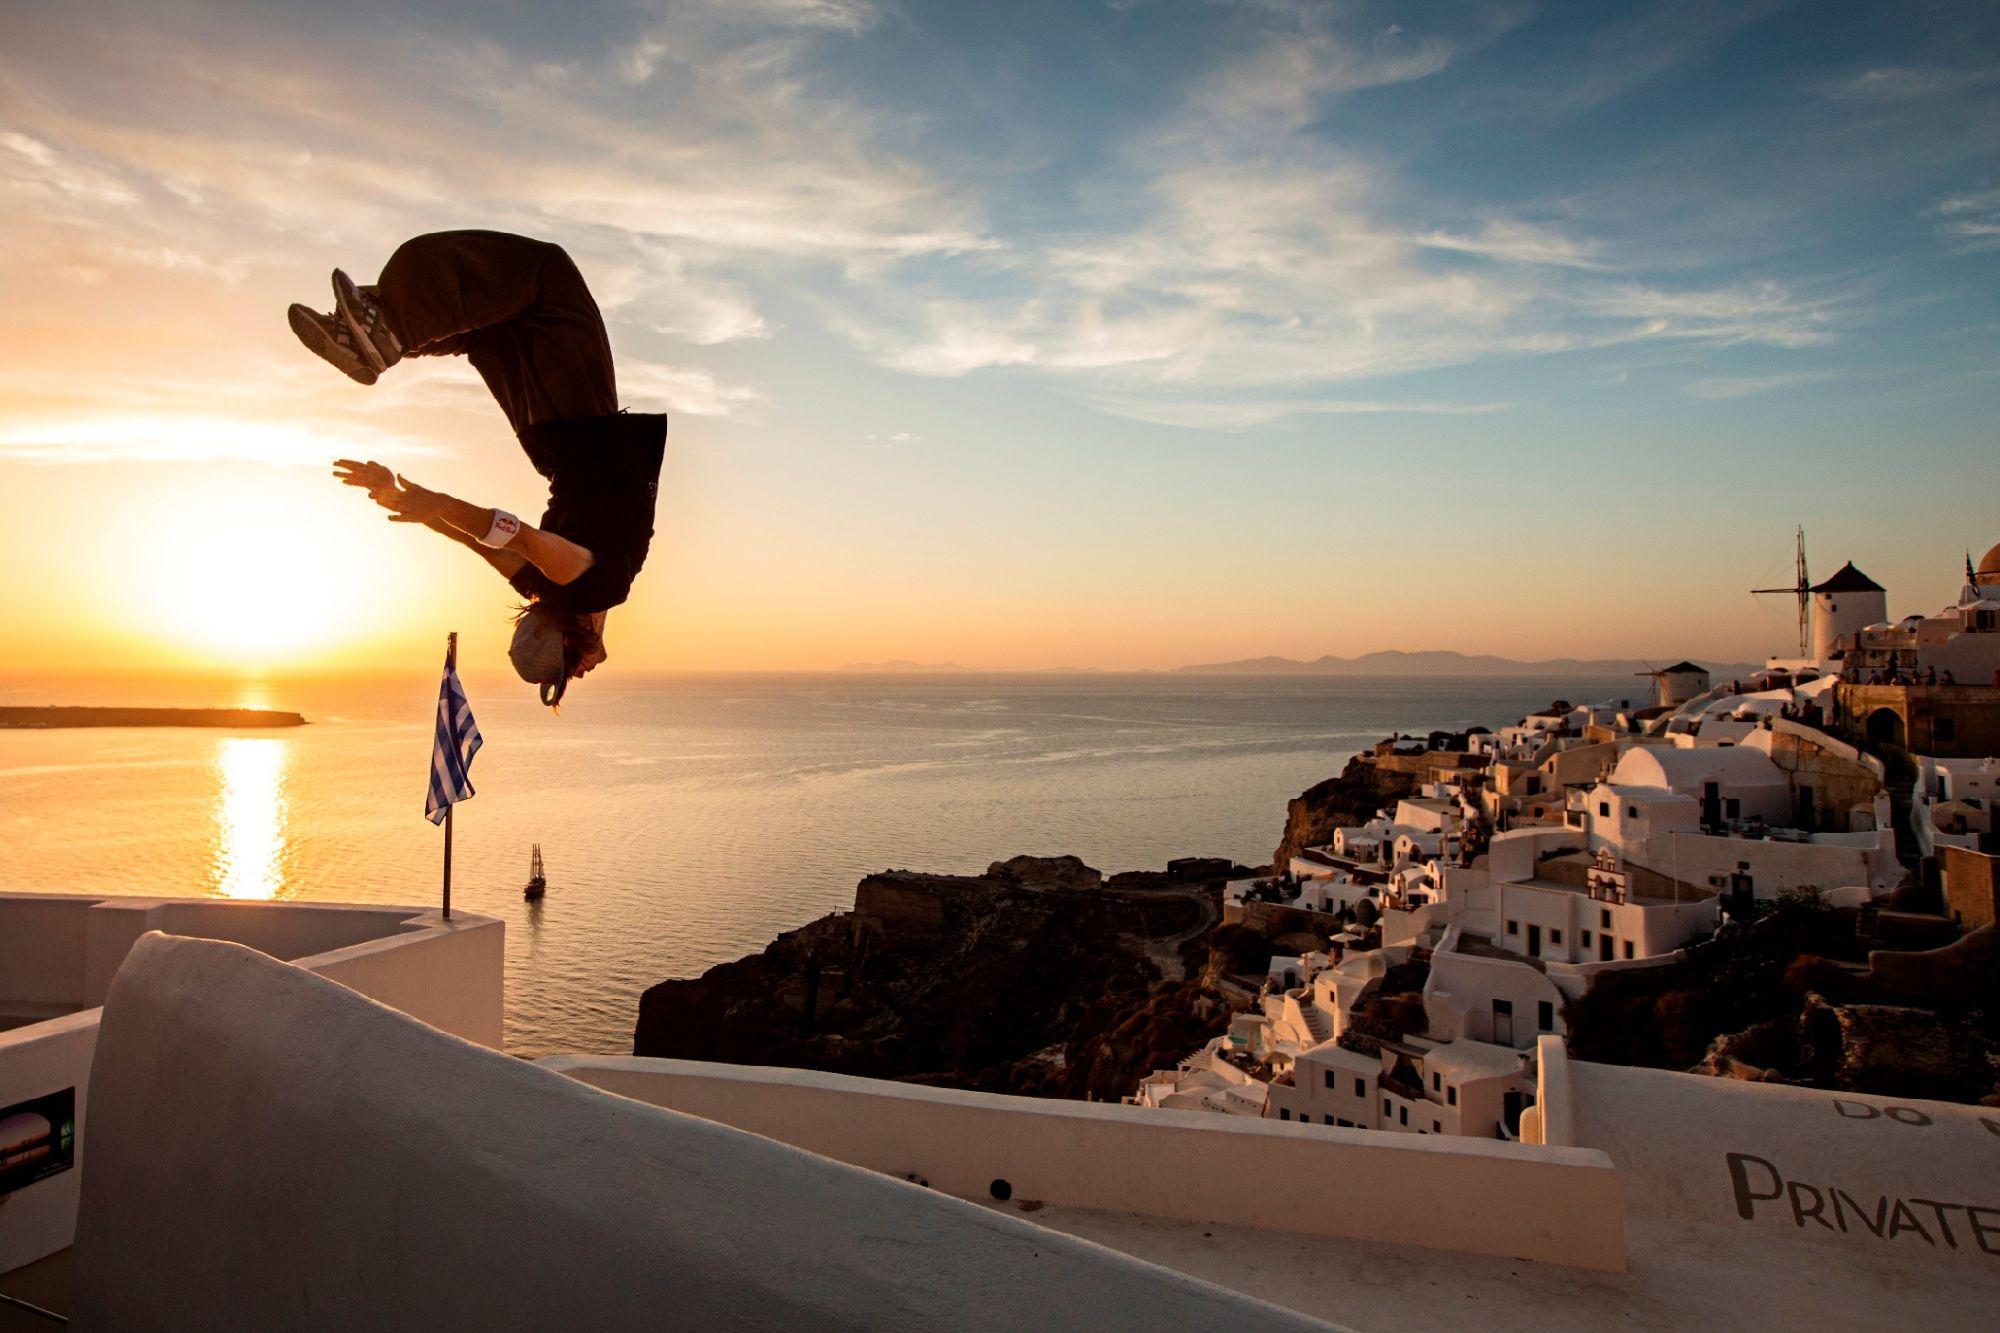 Jason Paul - Red Bull Art of Motion